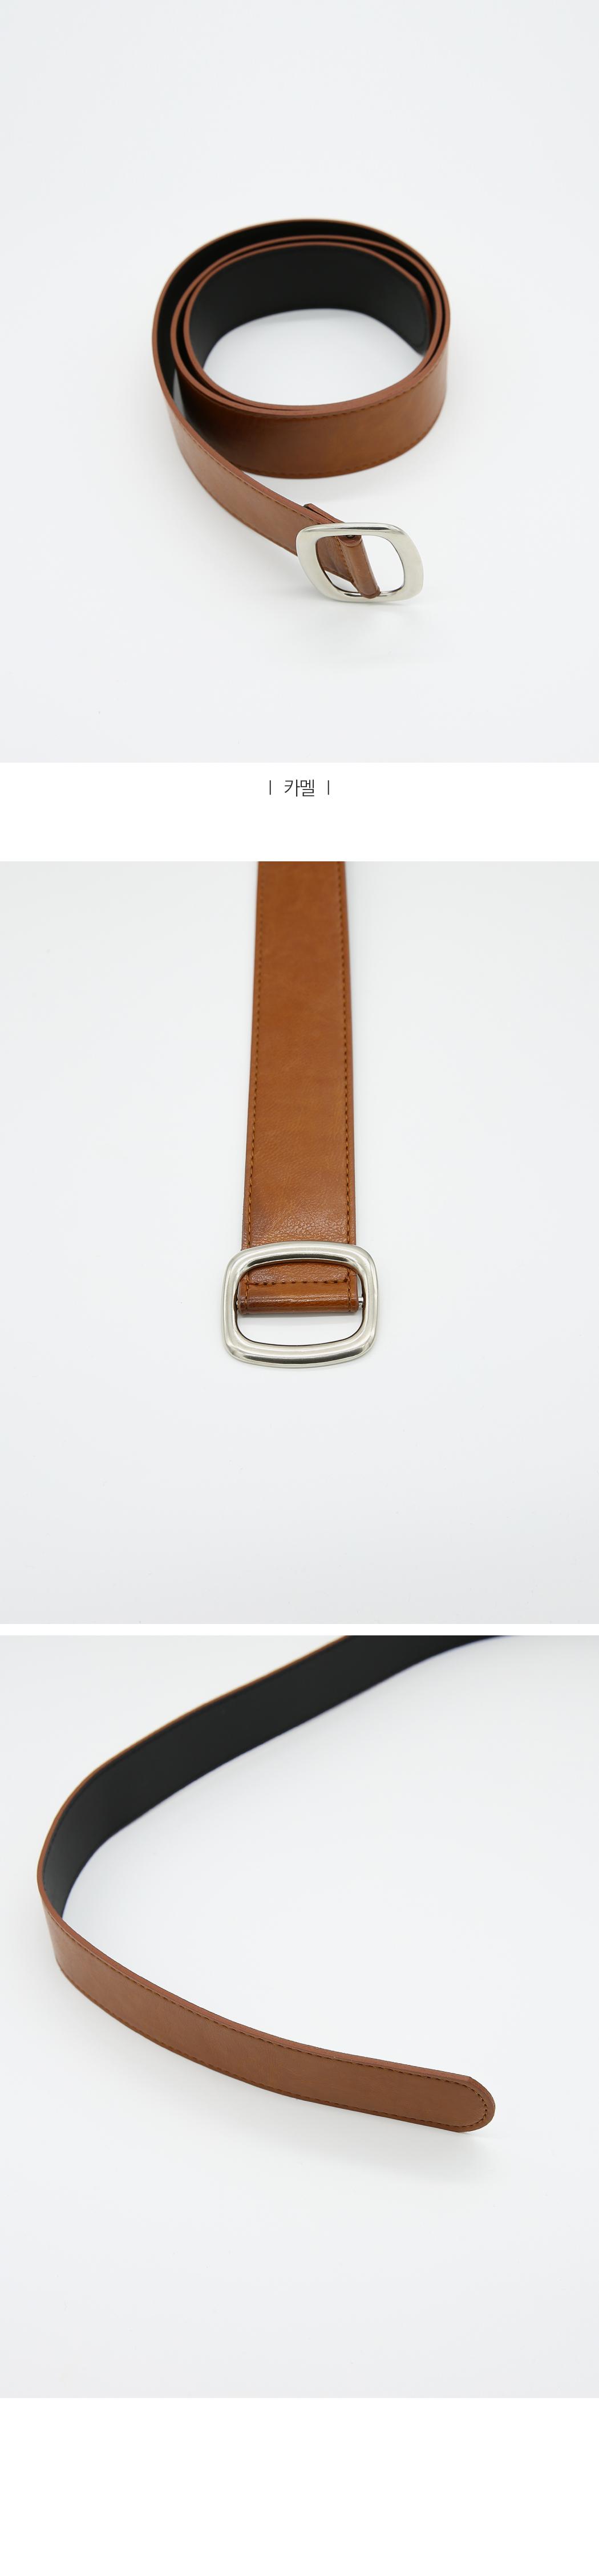 Wide No Punching Belt